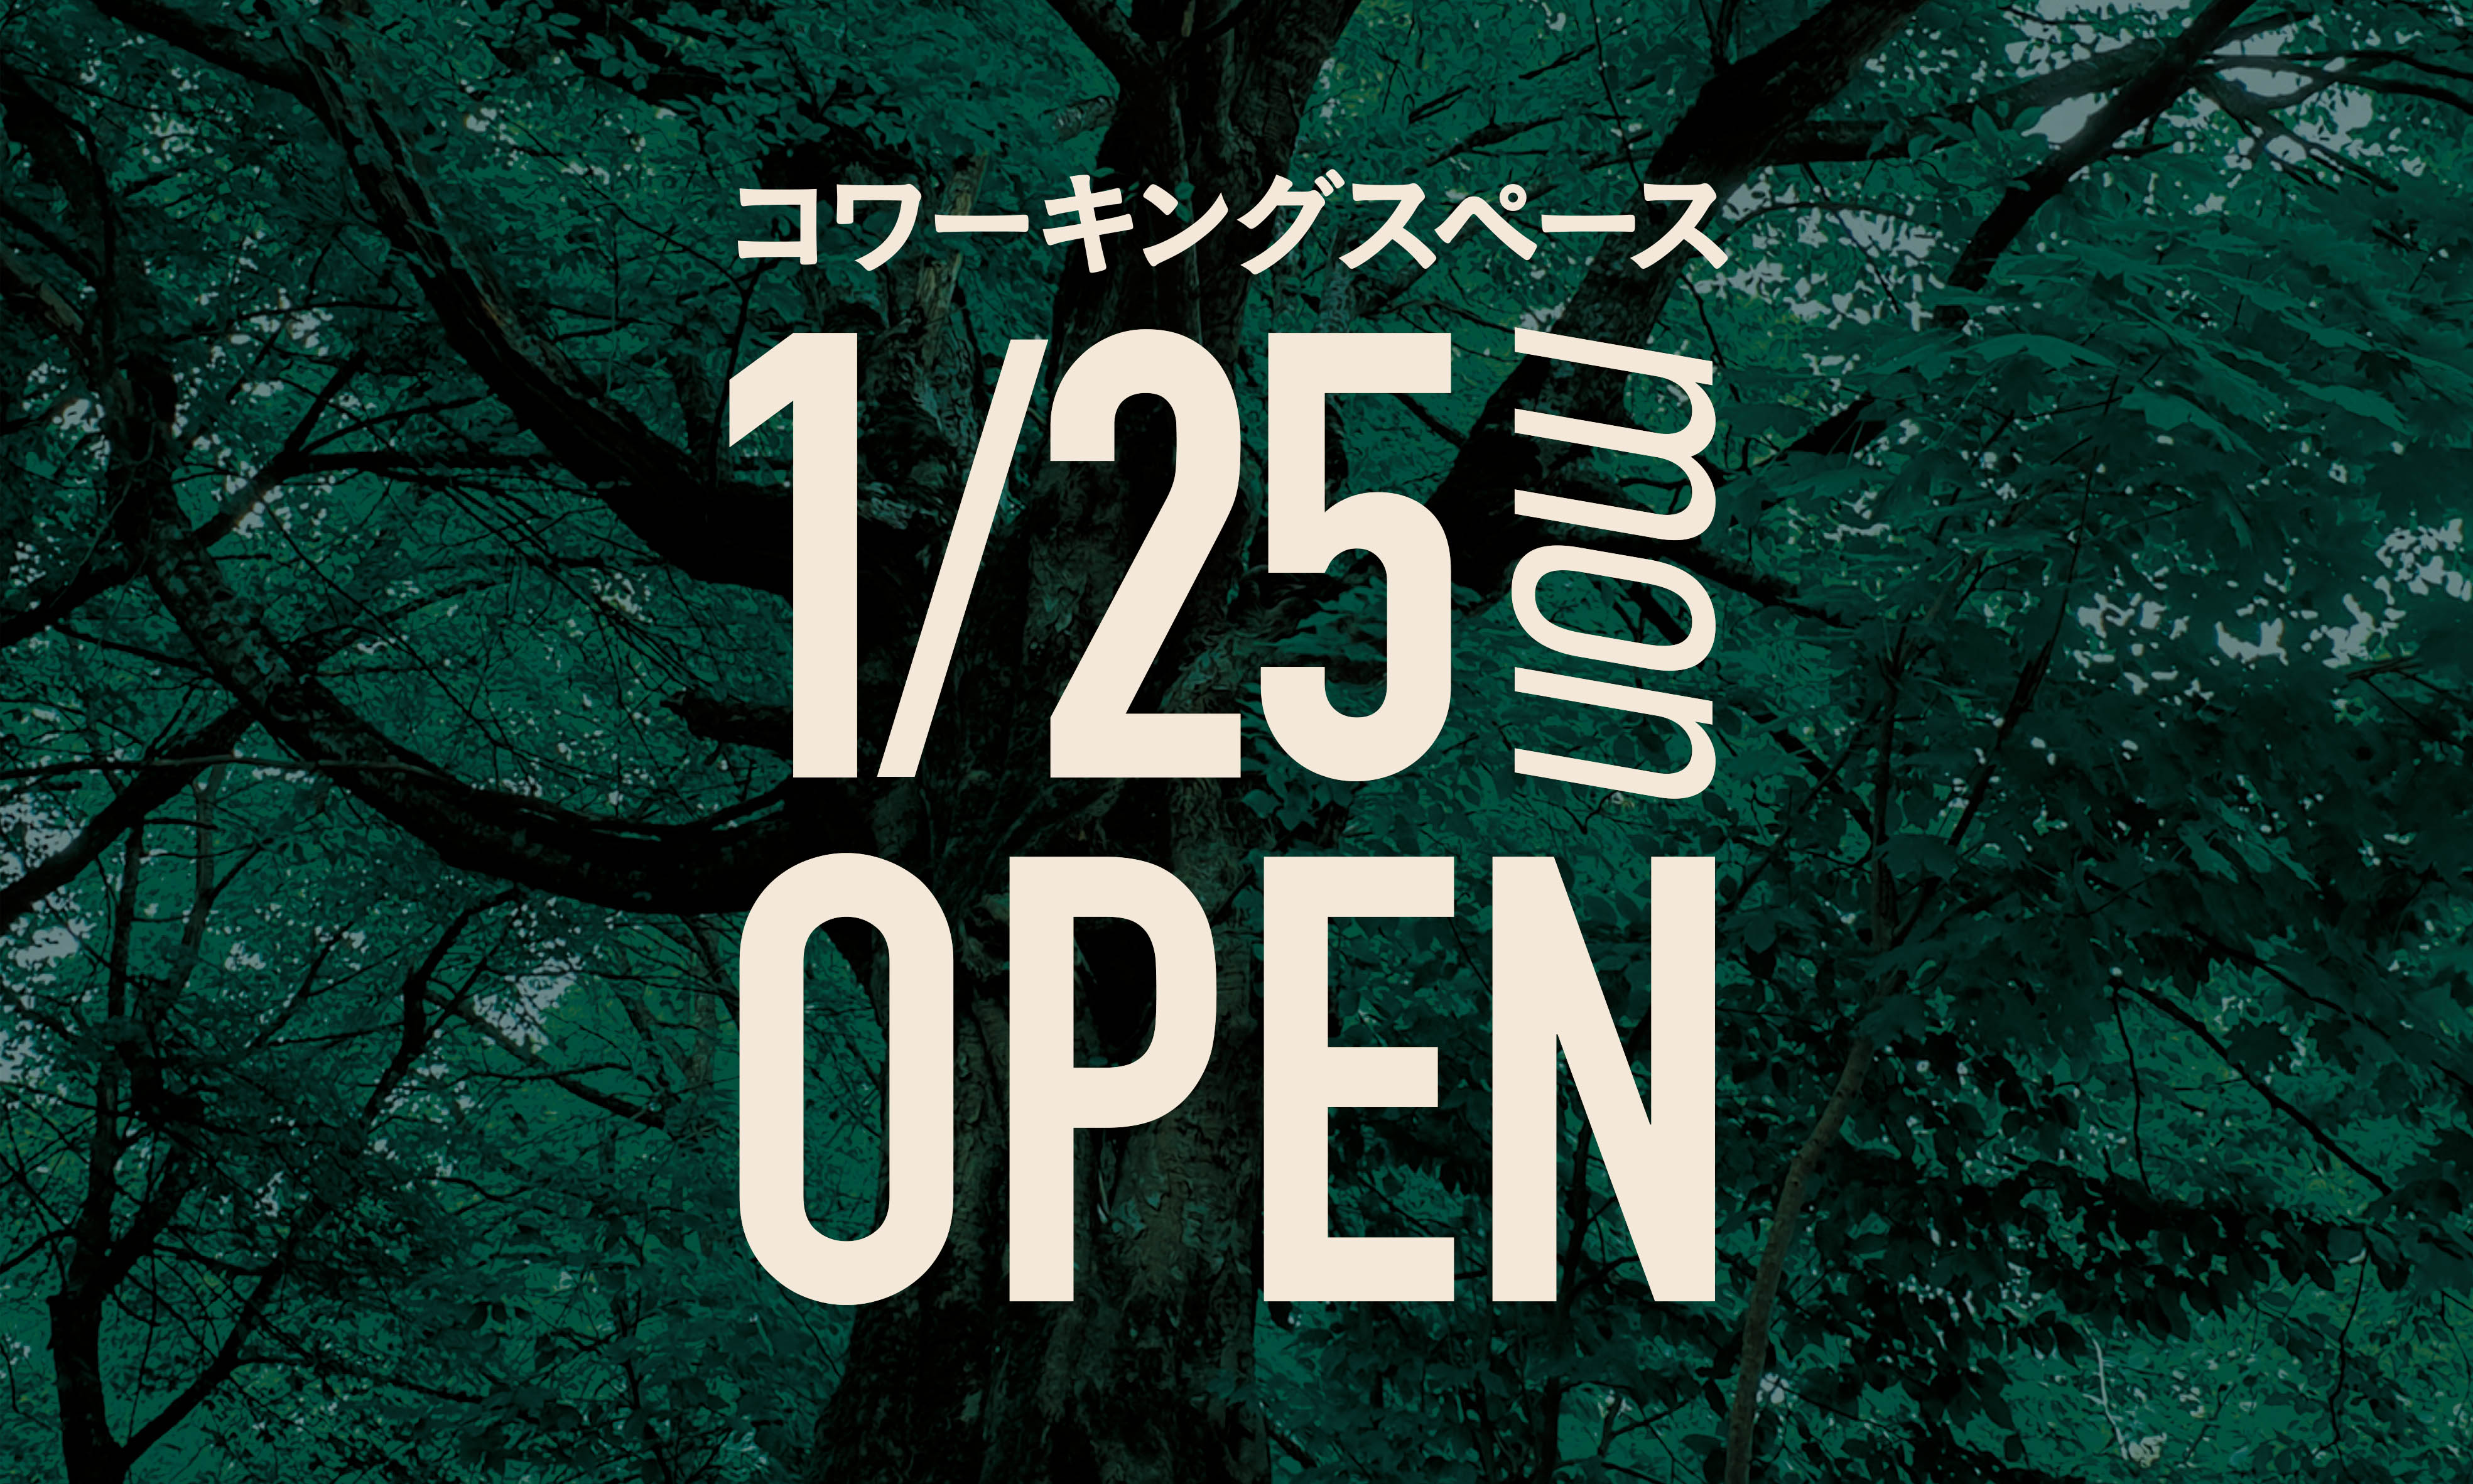 コワーキングスペース カムカム大通オープン!